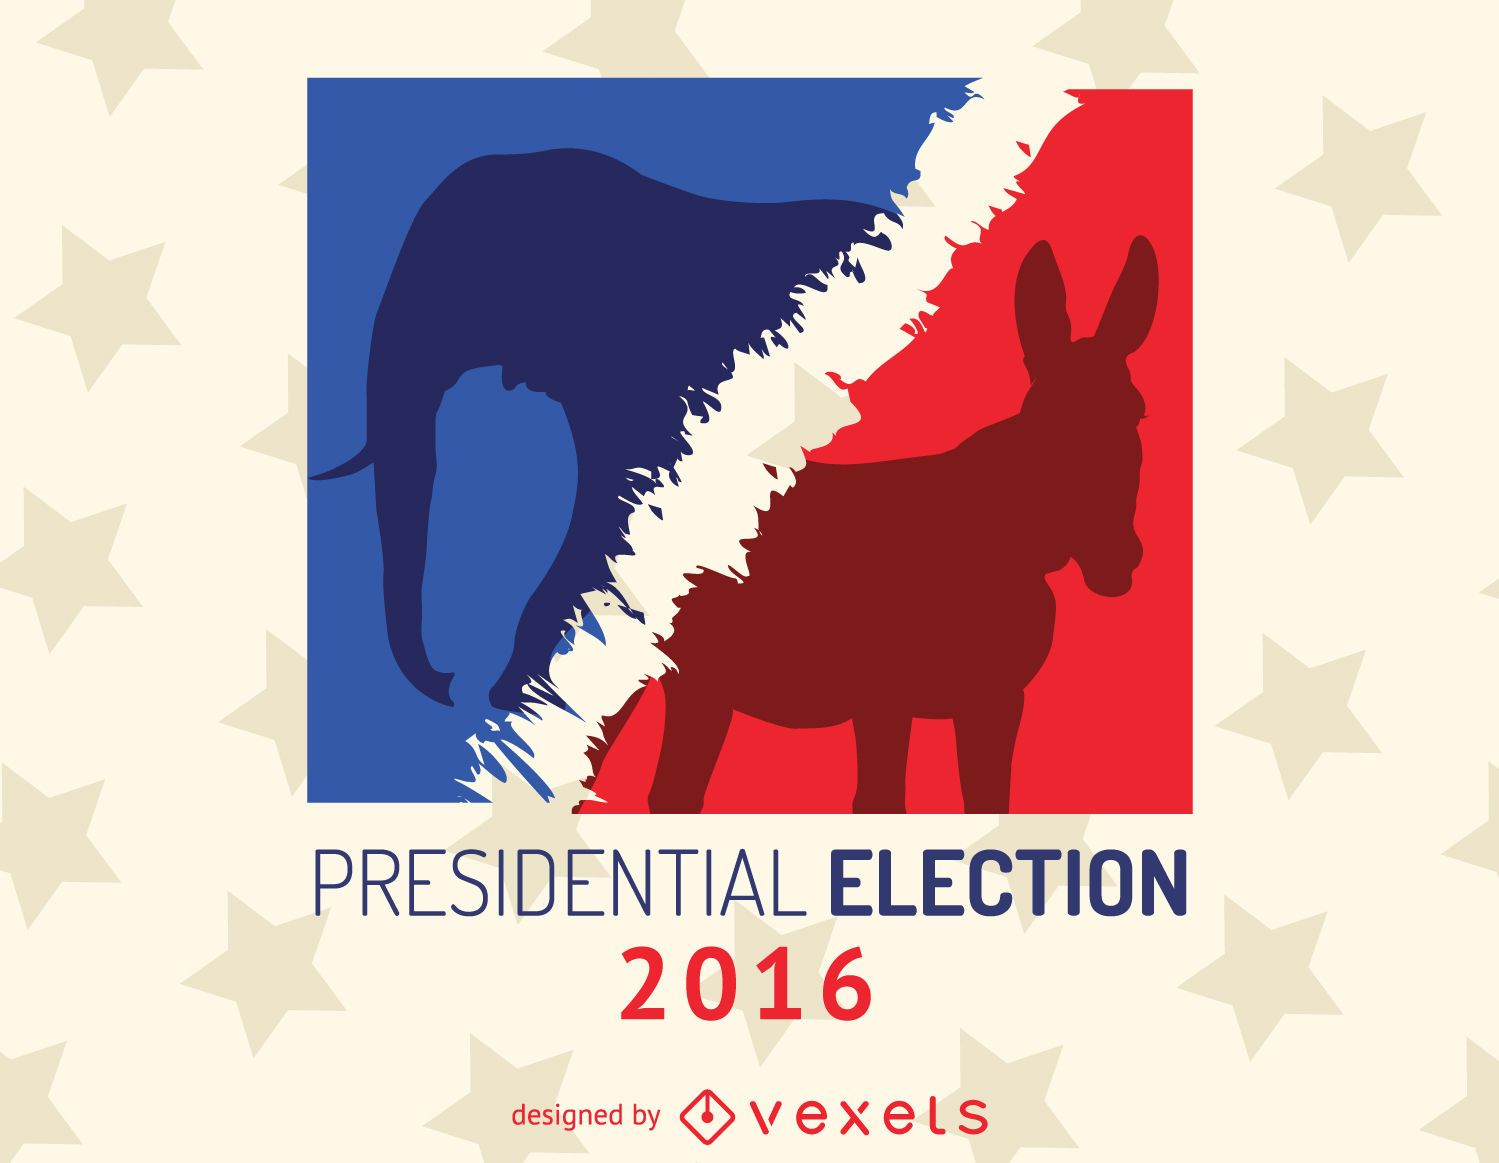 Signo de las elecciones estadounidenses de 2016